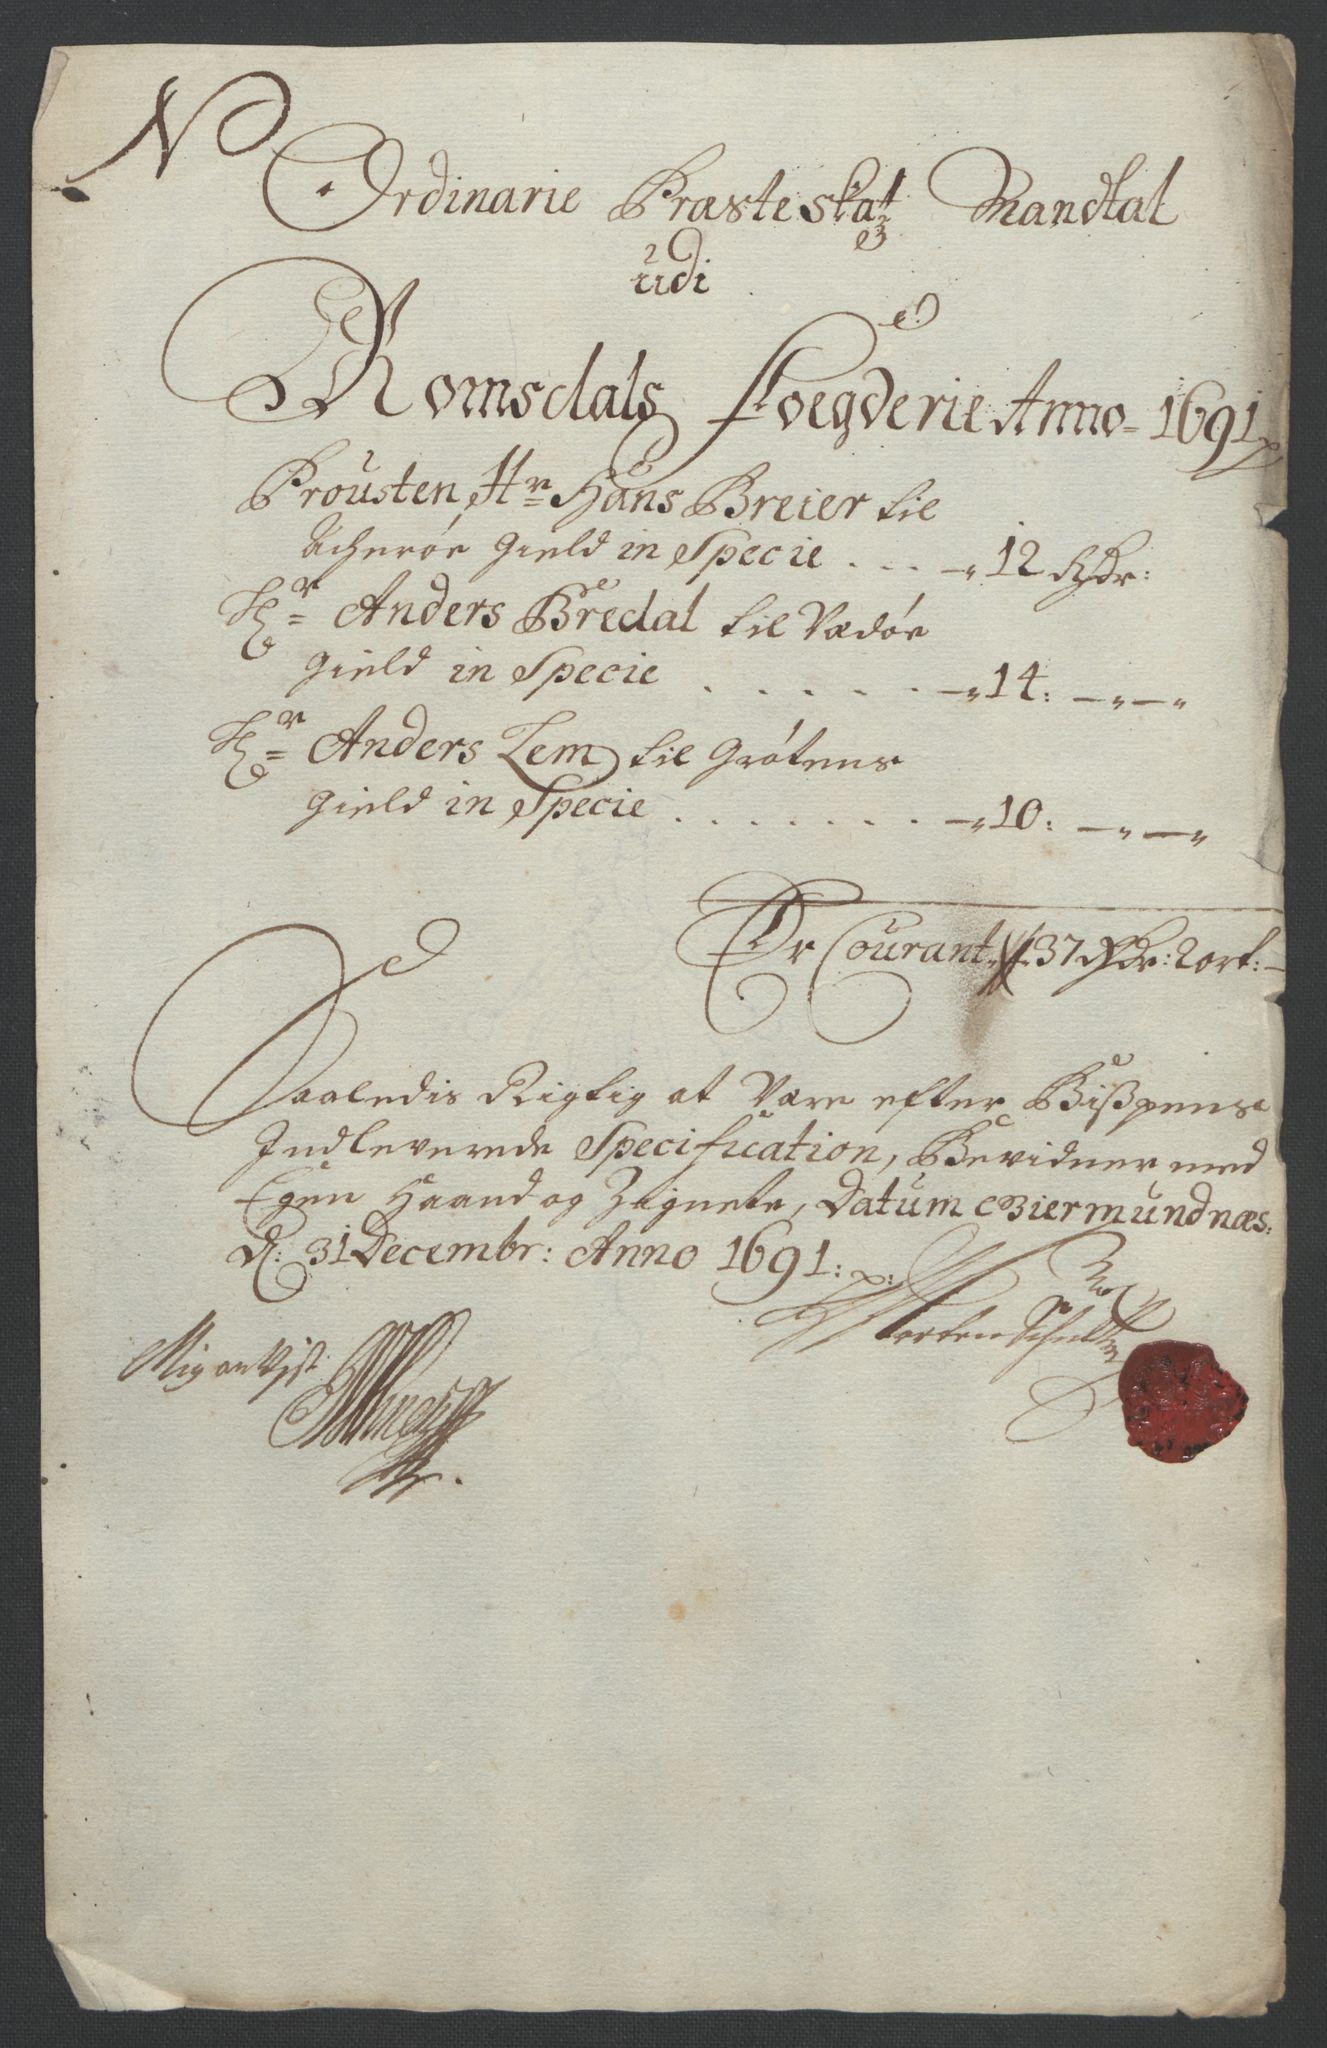 RA, Rentekammeret inntil 1814, Reviderte regnskaper, Fogderegnskap, R55/L3649: Fogderegnskap Romsdal, 1690-1691, s. 332